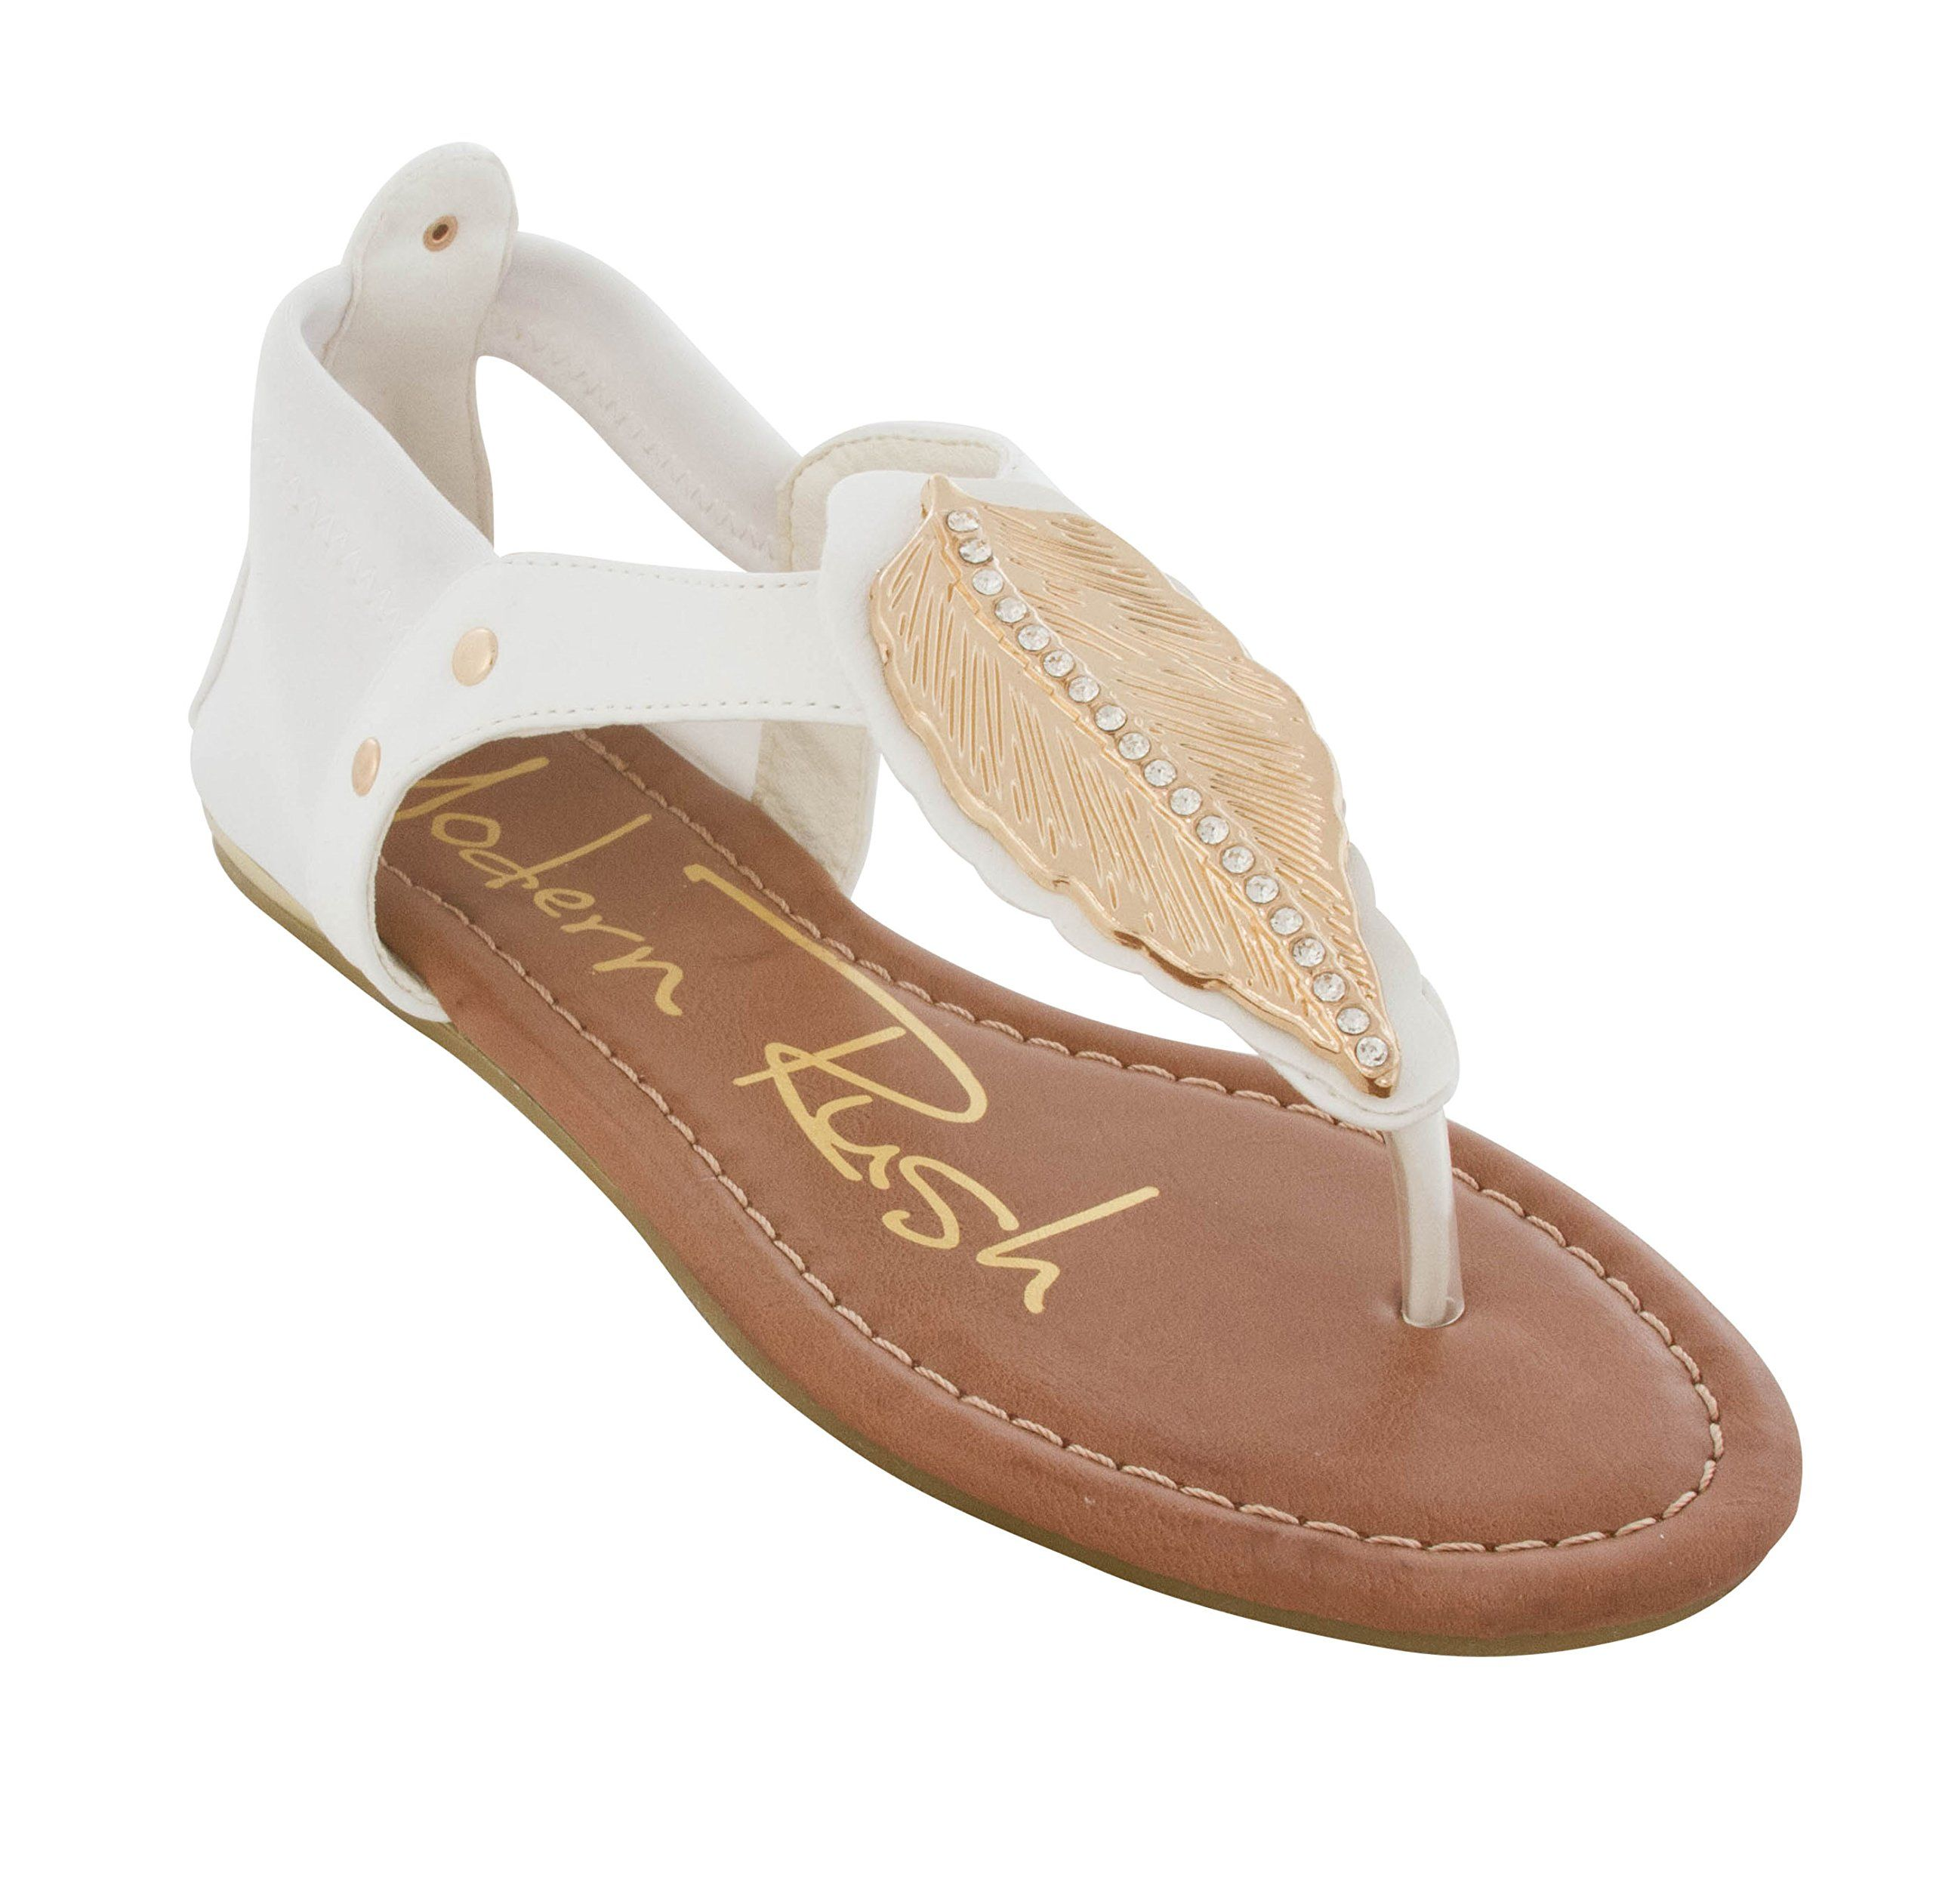 Shoe ornament clips - Shoe Ornament Clips 2